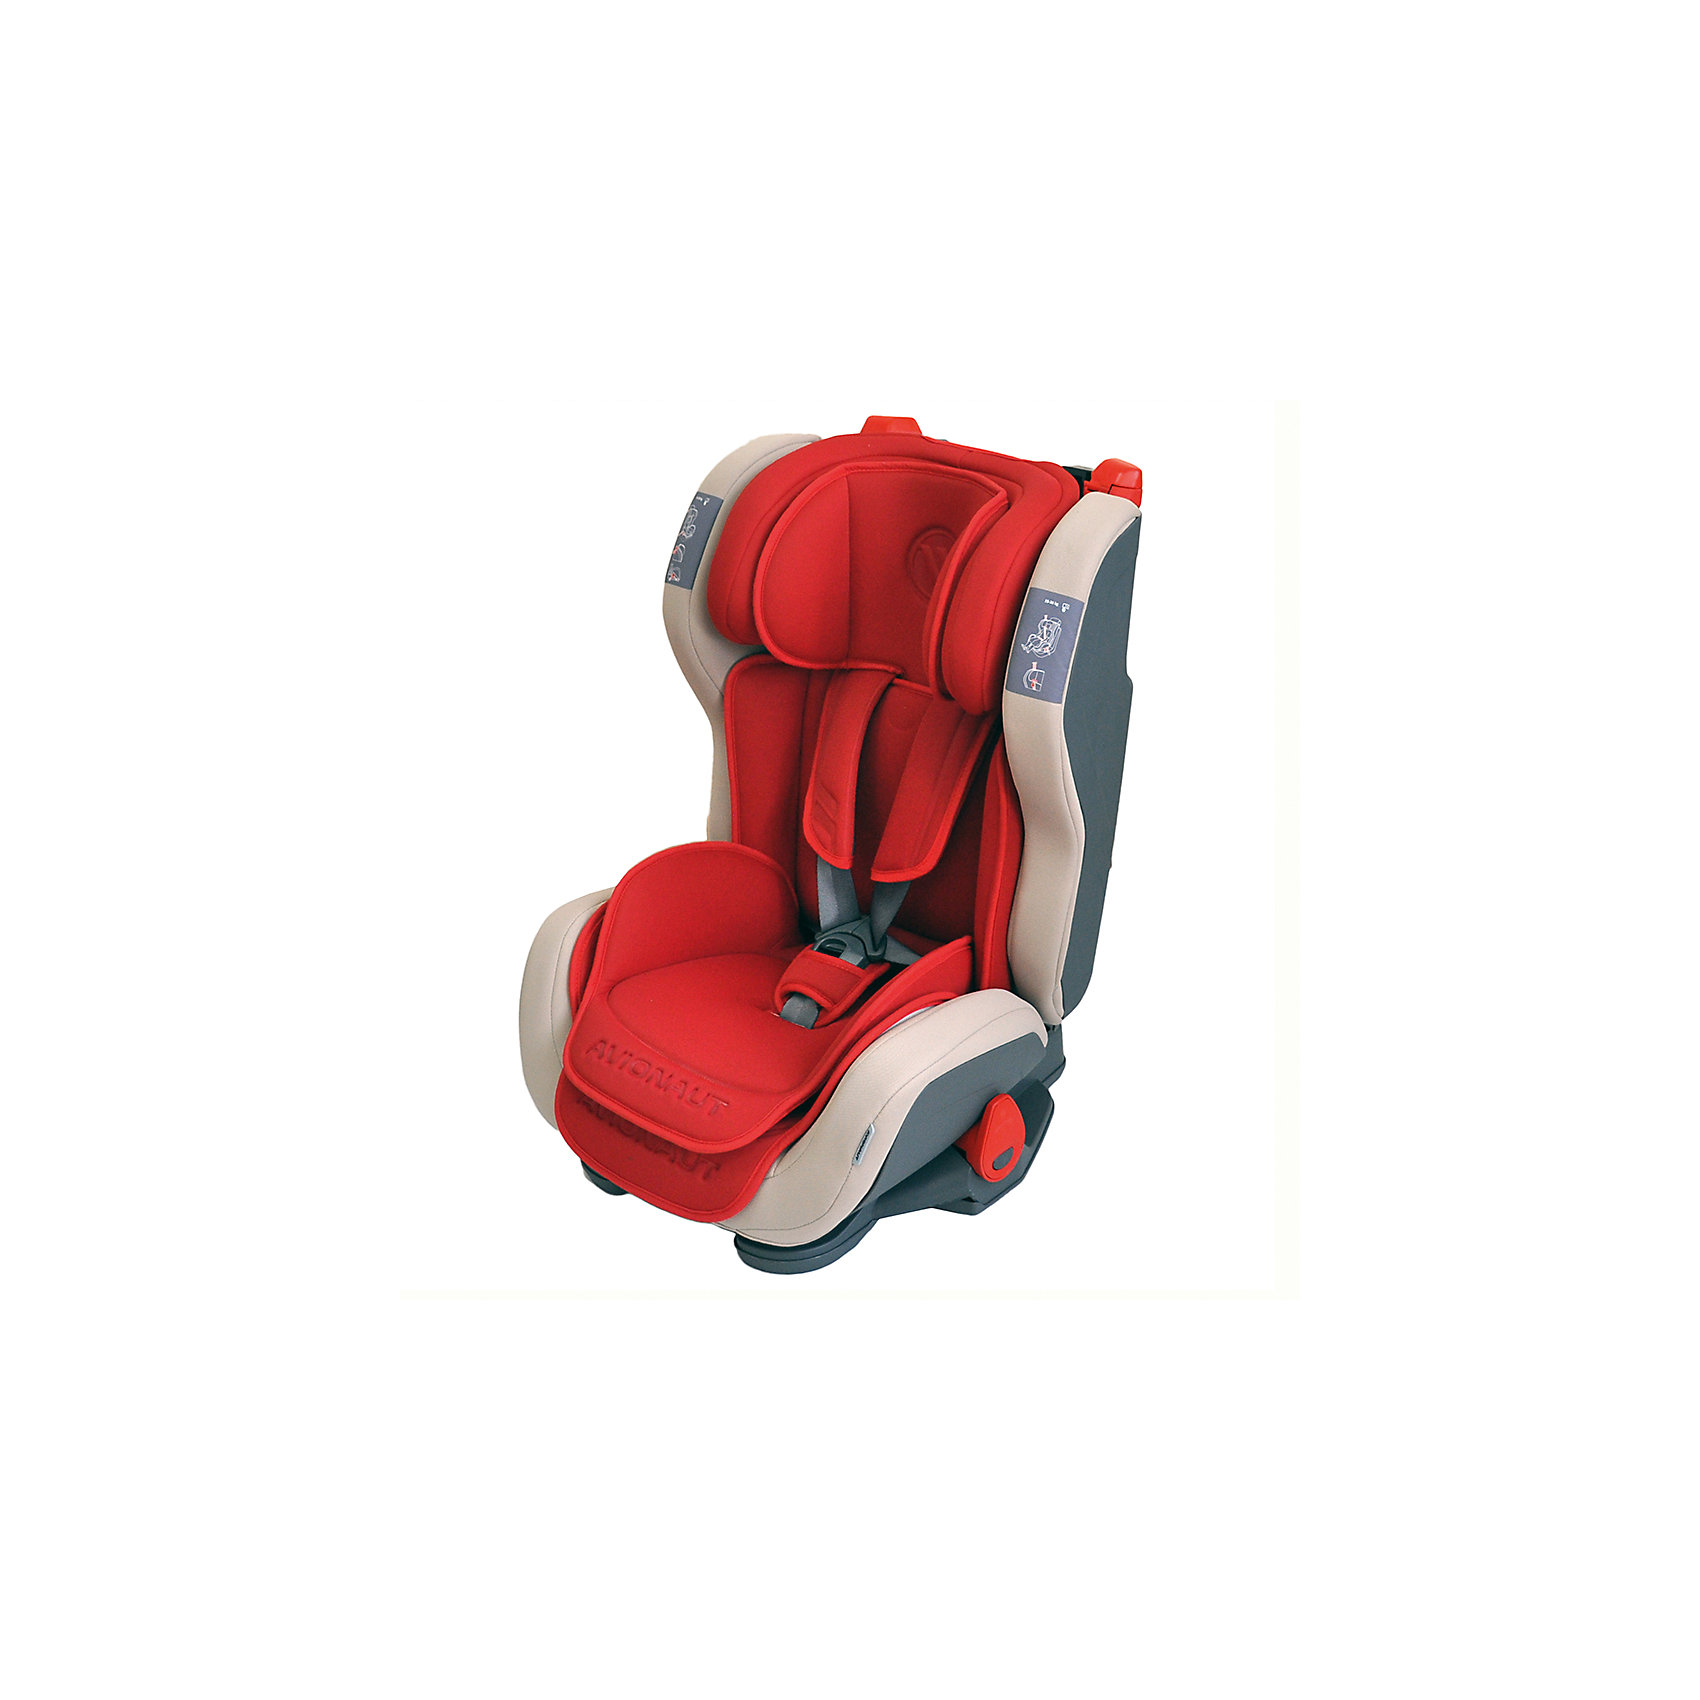 Автокресло Avionaut EVOLVAIR, 9-36кг, красныйГруппа 1-2-3 (От 9 до 36 кг)<br>Характеристики товара:<br><br>• группа автокресла: 1-2-3;<br>• возраст: от 9 месяцев до 12 лет;<br>• вес ребенка: 9-36 кг;<br>• материал: пластик, полиэстер;<br>• 5-ти точечные ремни безопасности;<br>• регулировка наклона спинки;<br>• регулировка подголовника;<br>• установка автокресла: по ходу движения;<br>• способ крепления: штатными ремнями автомобиля;<br>• размер автокресла: 46х59х50 см;<br>• вес автокресла: 8,2 кг;<br>• размер упаковки: 47х69х69 см;<br>• вес упаковки: 9,5 кг;<br>• страна производитель: Польша.<br><br>Автокресло Avionaut Evolvair красное обеспечивает надежную защиту малыша при перевозке в автомобиле. Оно устанавливается на пассажирском сидении при помощи штатных ремней. Каркас сделан из ударопрочного пластика, а специальный наполнитель поглощает основной удар, защищая ребенка от травм.<br><br>Внутри сидения имеется цветной вкладыш и мягкий подголовник с поддержкой головы. Регулируемый по высоте подголовник и боковины по ширине позволяют использовать кресло не один год и подгонять его под растущего ребенка. Спинку можно опустить рычагом, чтобы малыш в поездке могу отдохнуть и поспать.<br><br>Автокресло Avionaut Evolvair красное можно приобрести в нашем интернет-магазине.<br><br>Ширина мм: 470<br>Глубина мм: 690<br>Высота мм: 690<br>Вес г: 8200<br>Возраст от месяцев: -2147483648<br>Возраст до месяцев: 2147483647<br>Пол: Унисекс<br>Возраст: Детский<br>SKU: 5500146